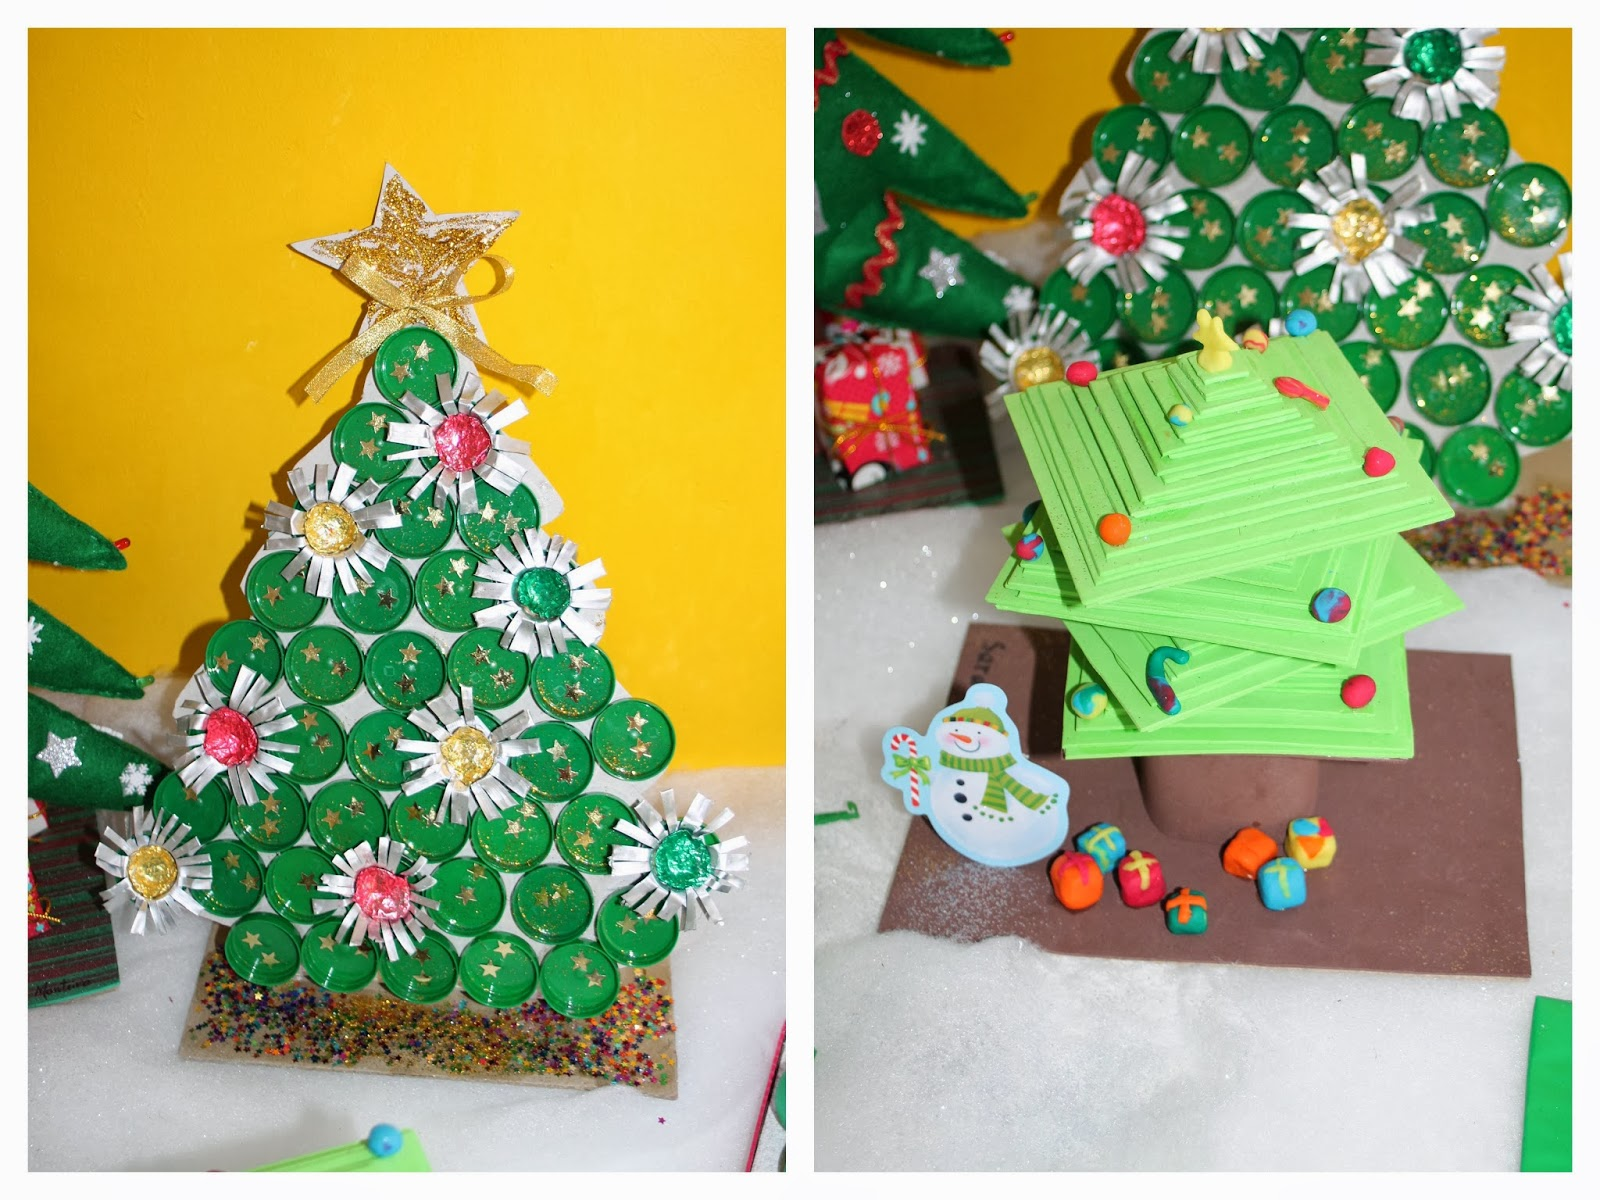 O Mestre Cuco Decoraç u00e3o de Natal no Jardim de Inf u00e2ncia -> Decoração De Natal Jardim